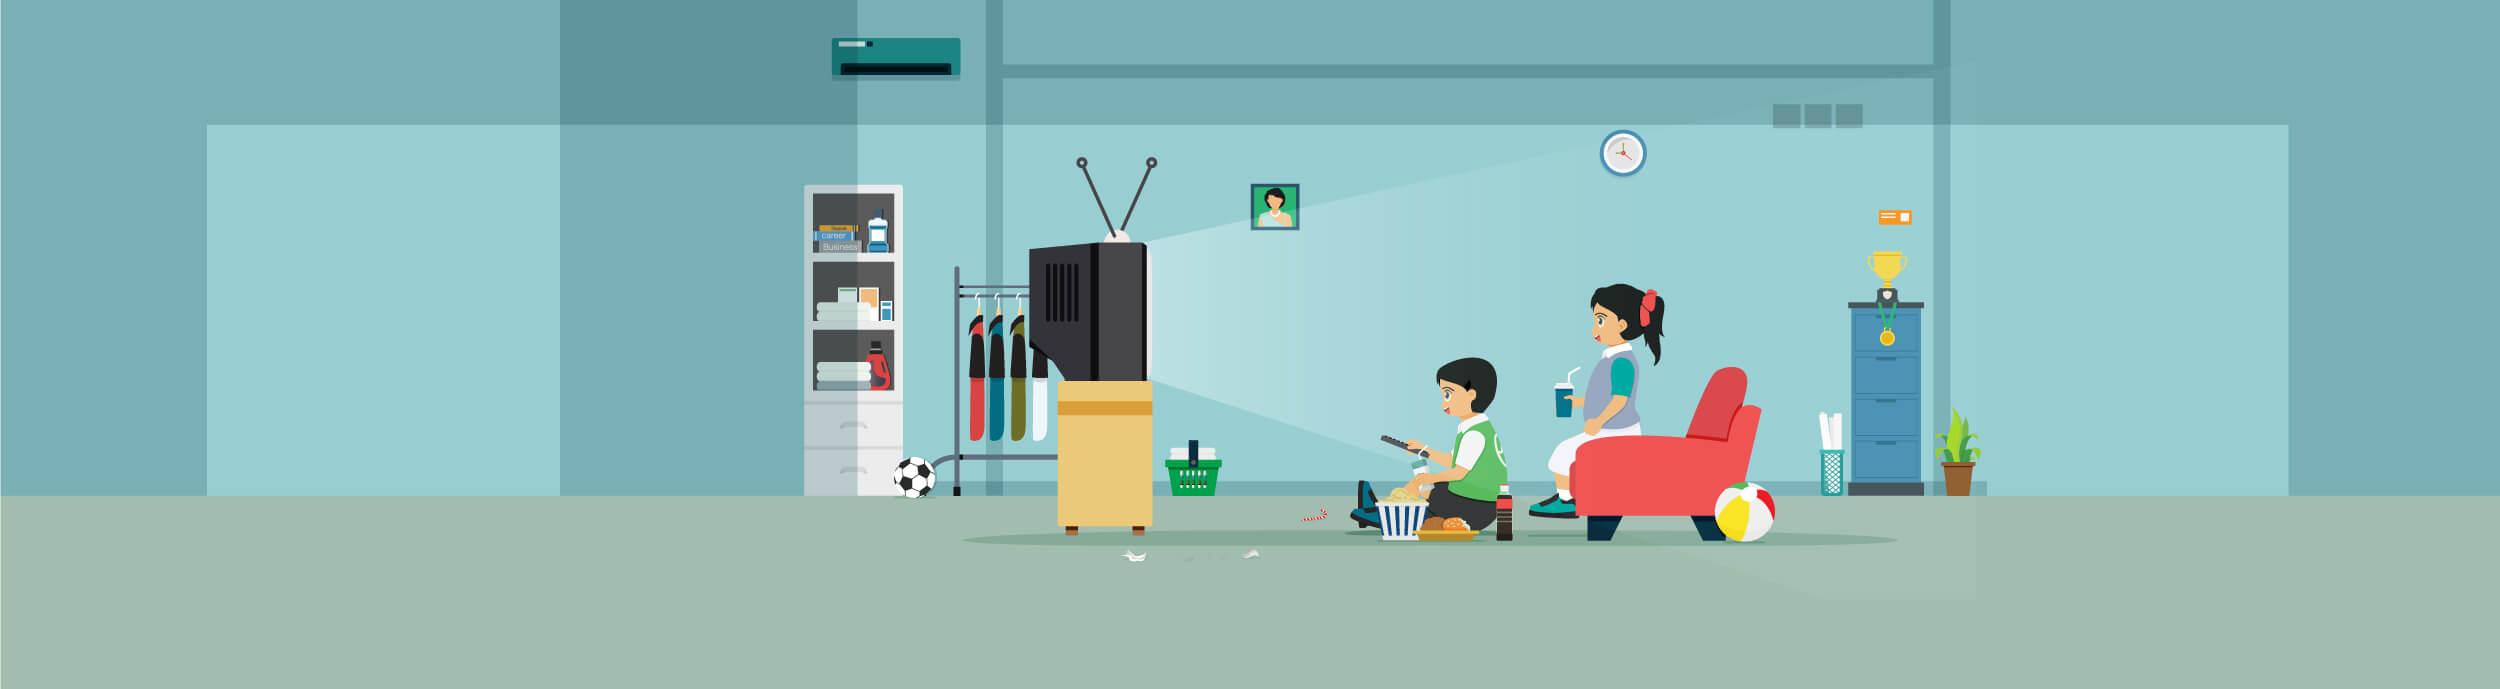 تلویزیون، تبلت و تلفن برای بچهها خطرناک است؟